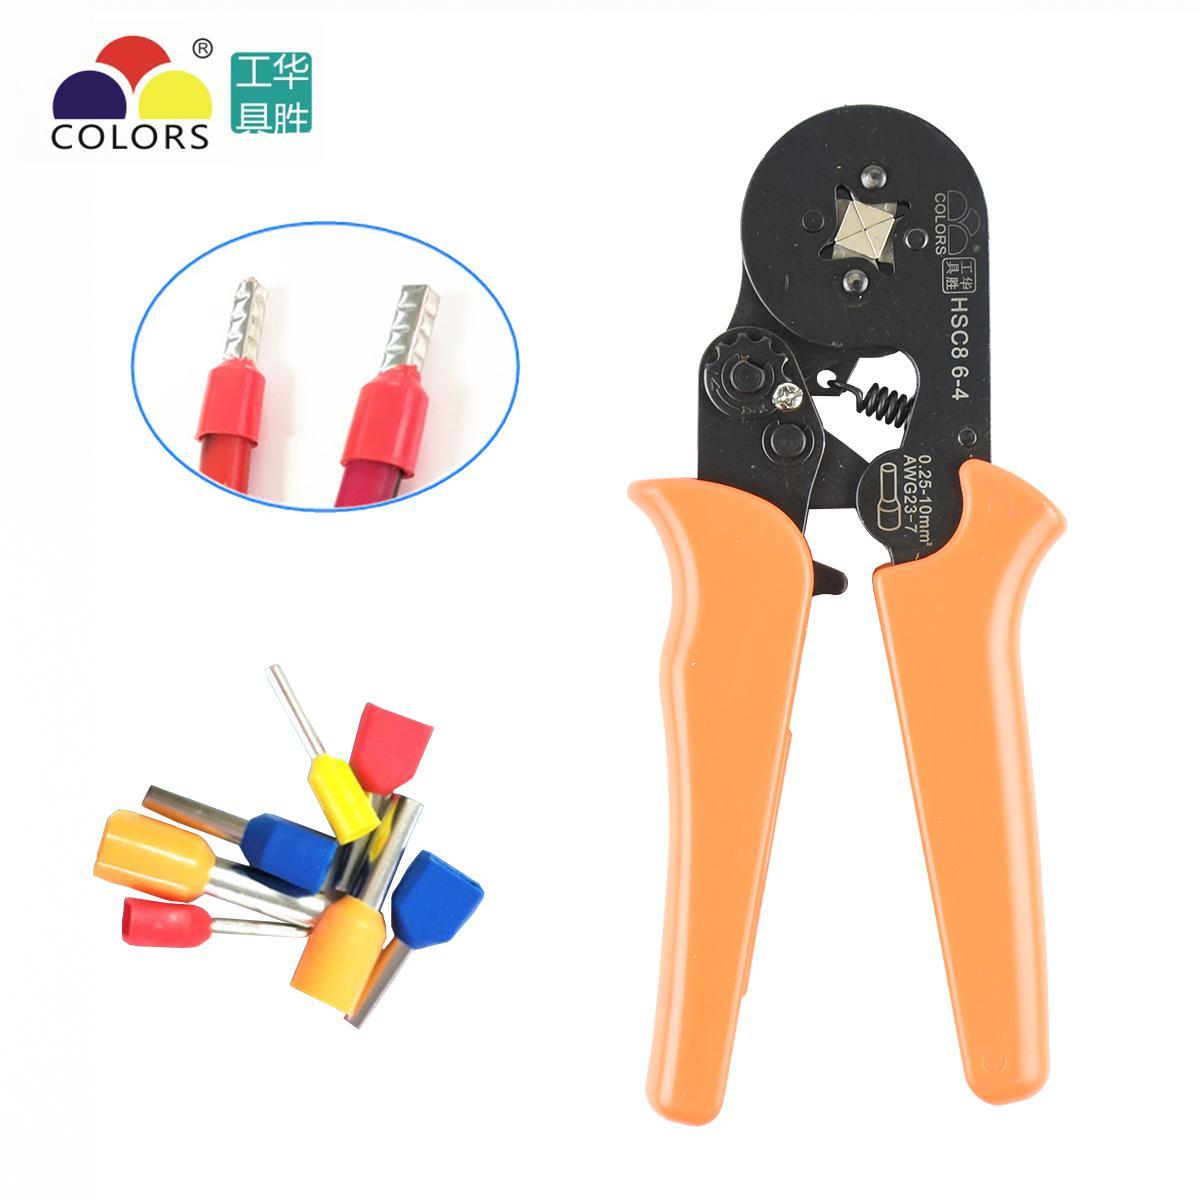 Crimper Zange HSC8 6-4 Lernbare Crimpwerkzeuge verwendet für 23-10 AWG (ähnlich 0,25-6 mm2) Aderendhülsen Aderendhülsen Y200321